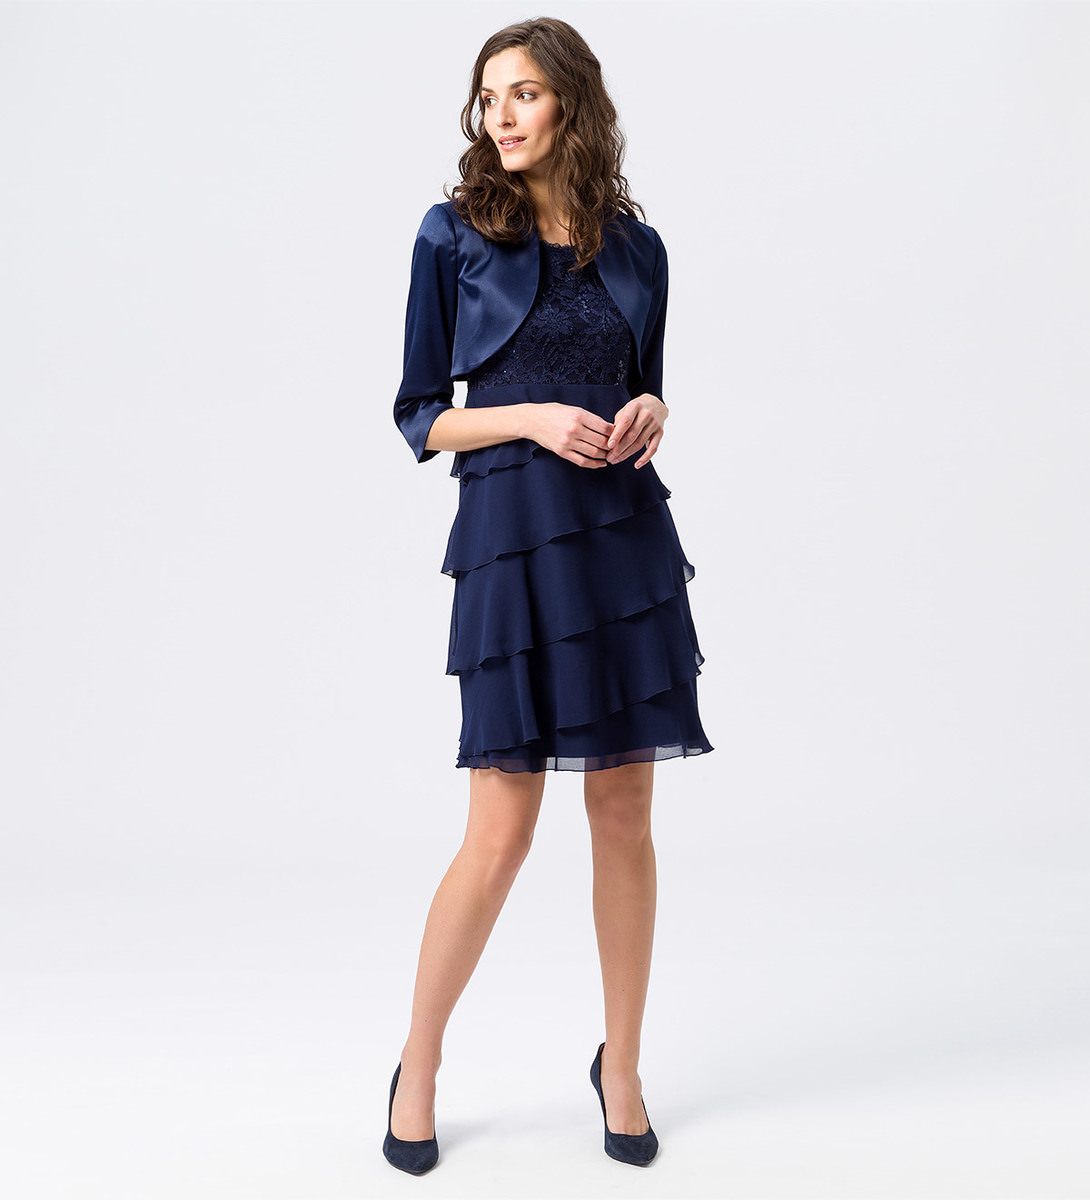 Kleid mit Paillettenbesatz in ink blue